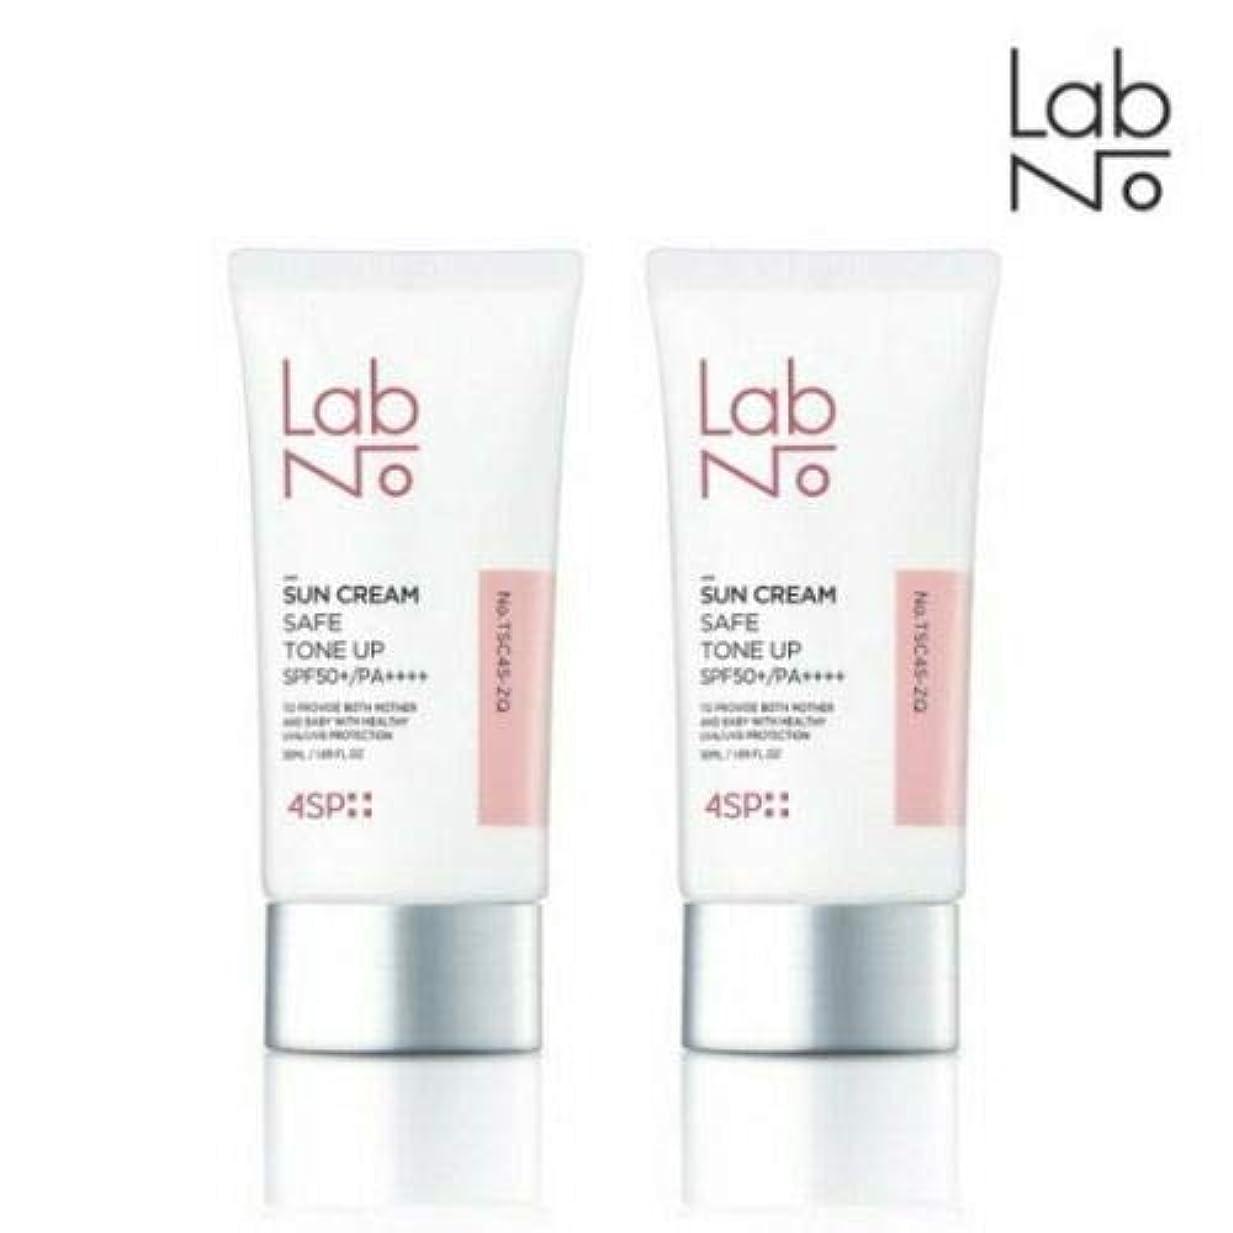 バレーボールアカデミック高める[1+1] LABNO セーフ トーンアップ サンクリーム 50ml SPF50+/PA++++ Safe Tone Up Sun Block Cream